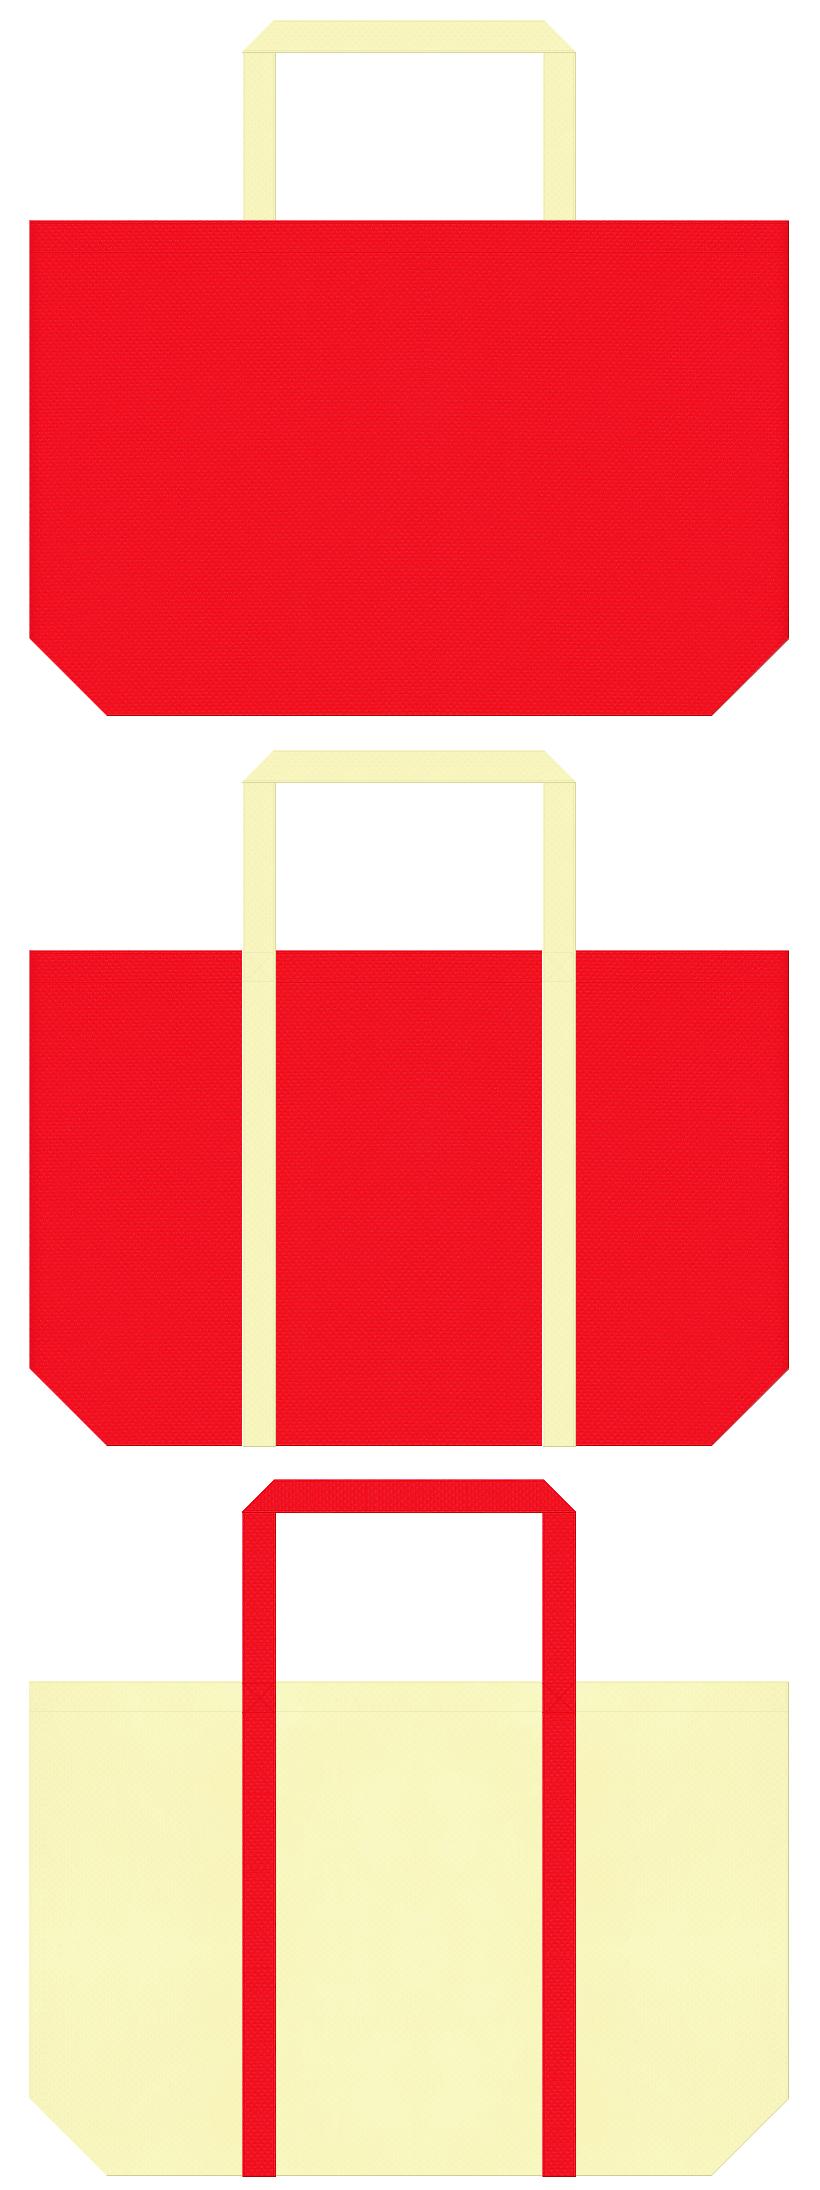 チーズ・ピザ・ひな祭り・和風催事にお奨めの不織布ショッピングバッグのデザイン:赤色と黄色のコーデ